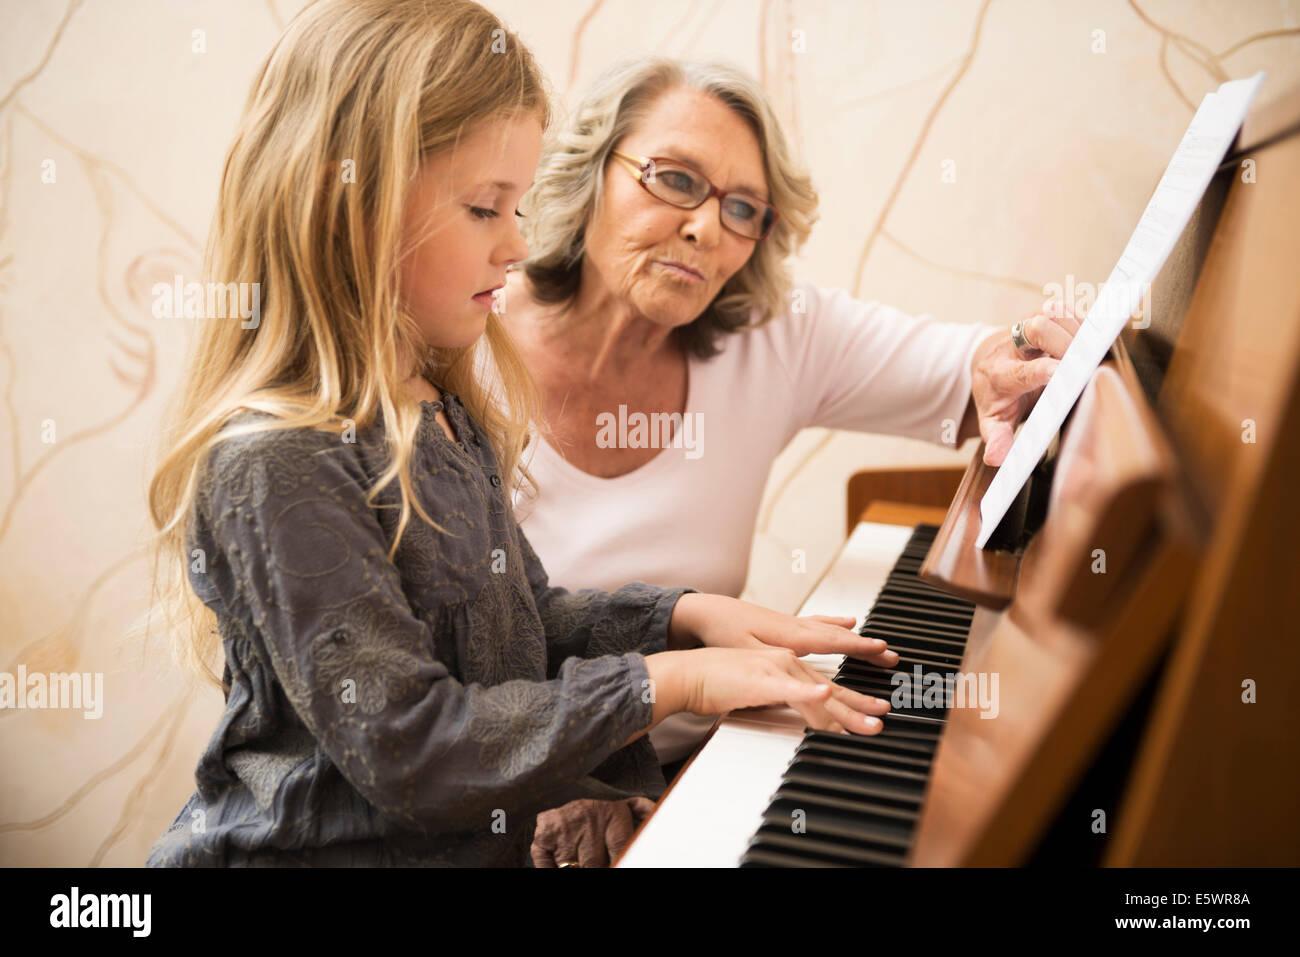 Nonna nipote di insegnamento pianoforte Immagini Stock